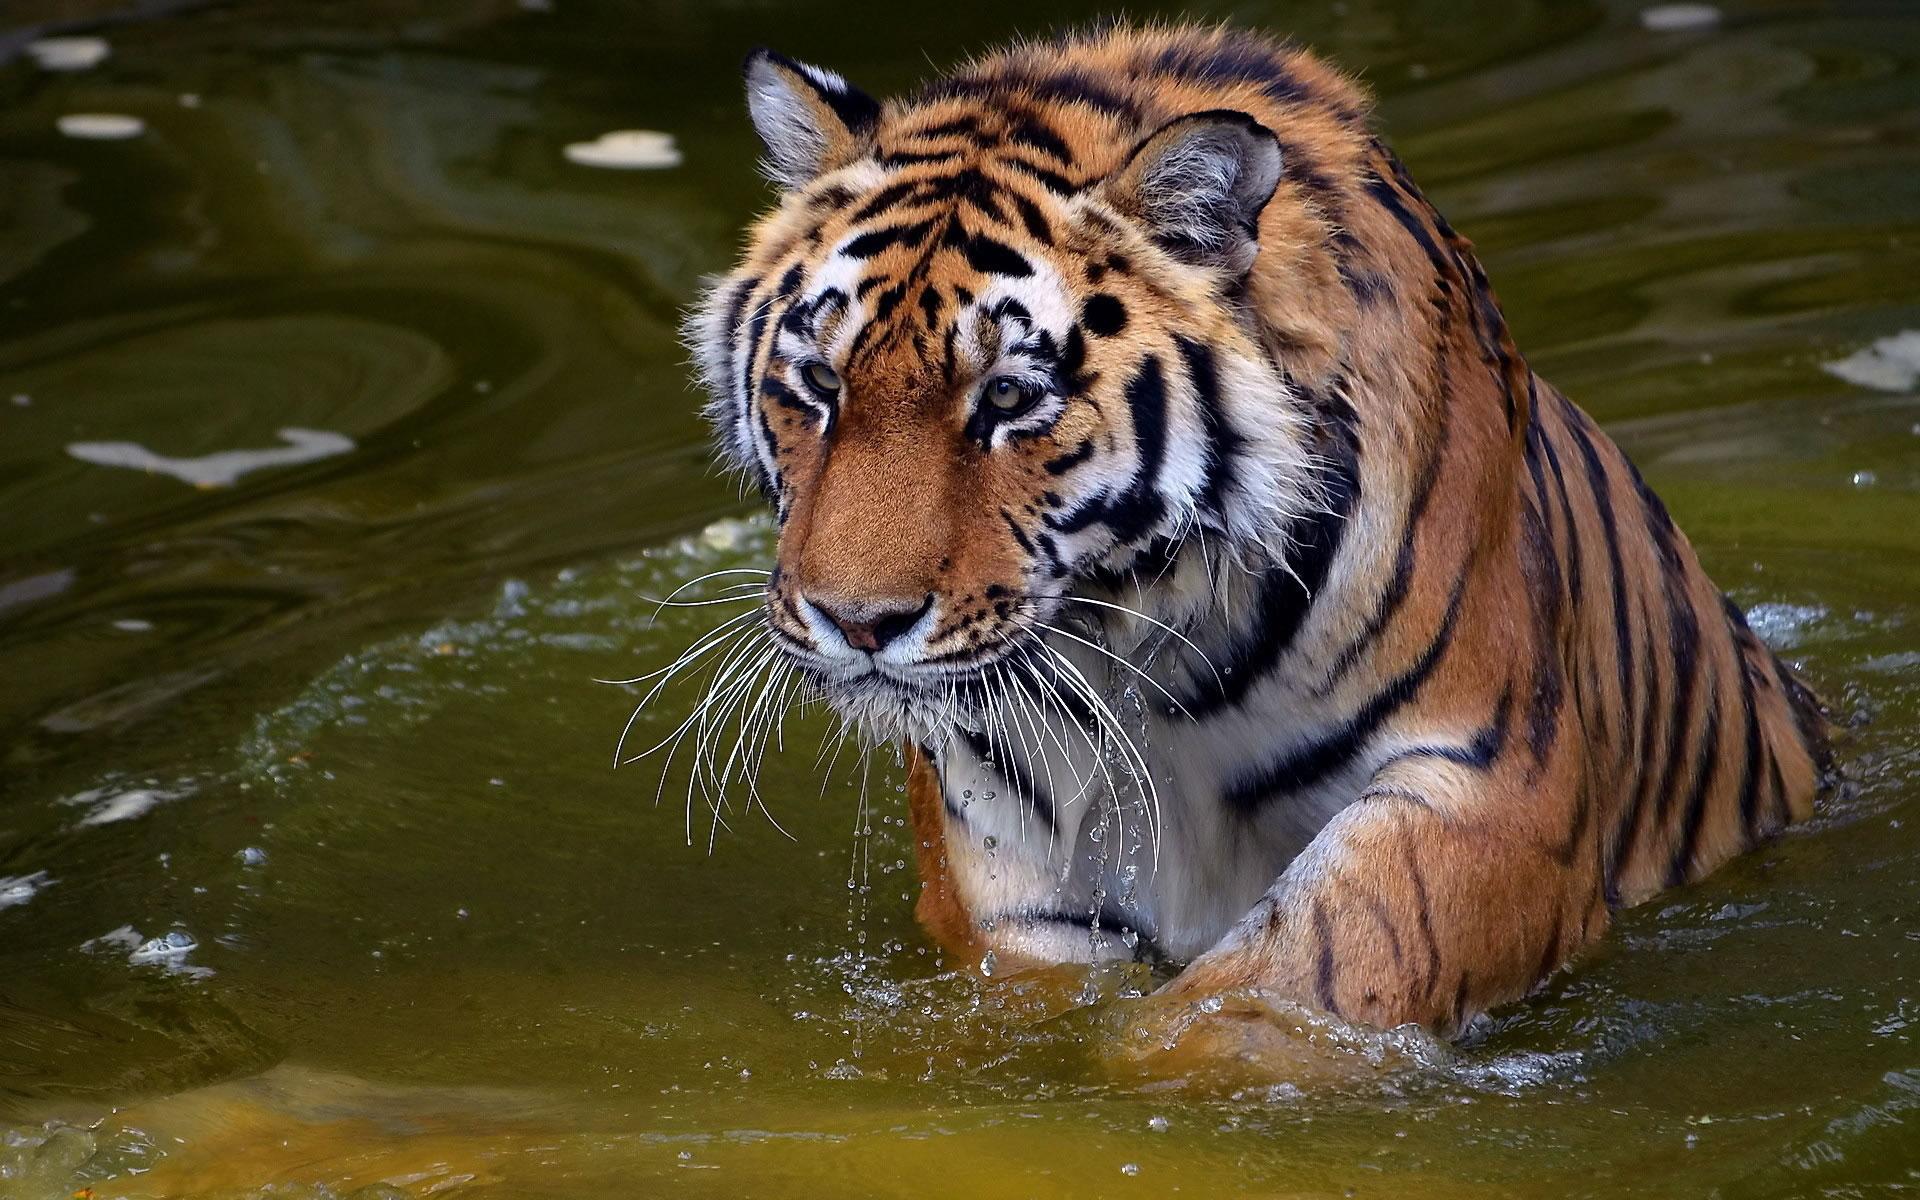 Tigre saliendo del agua.